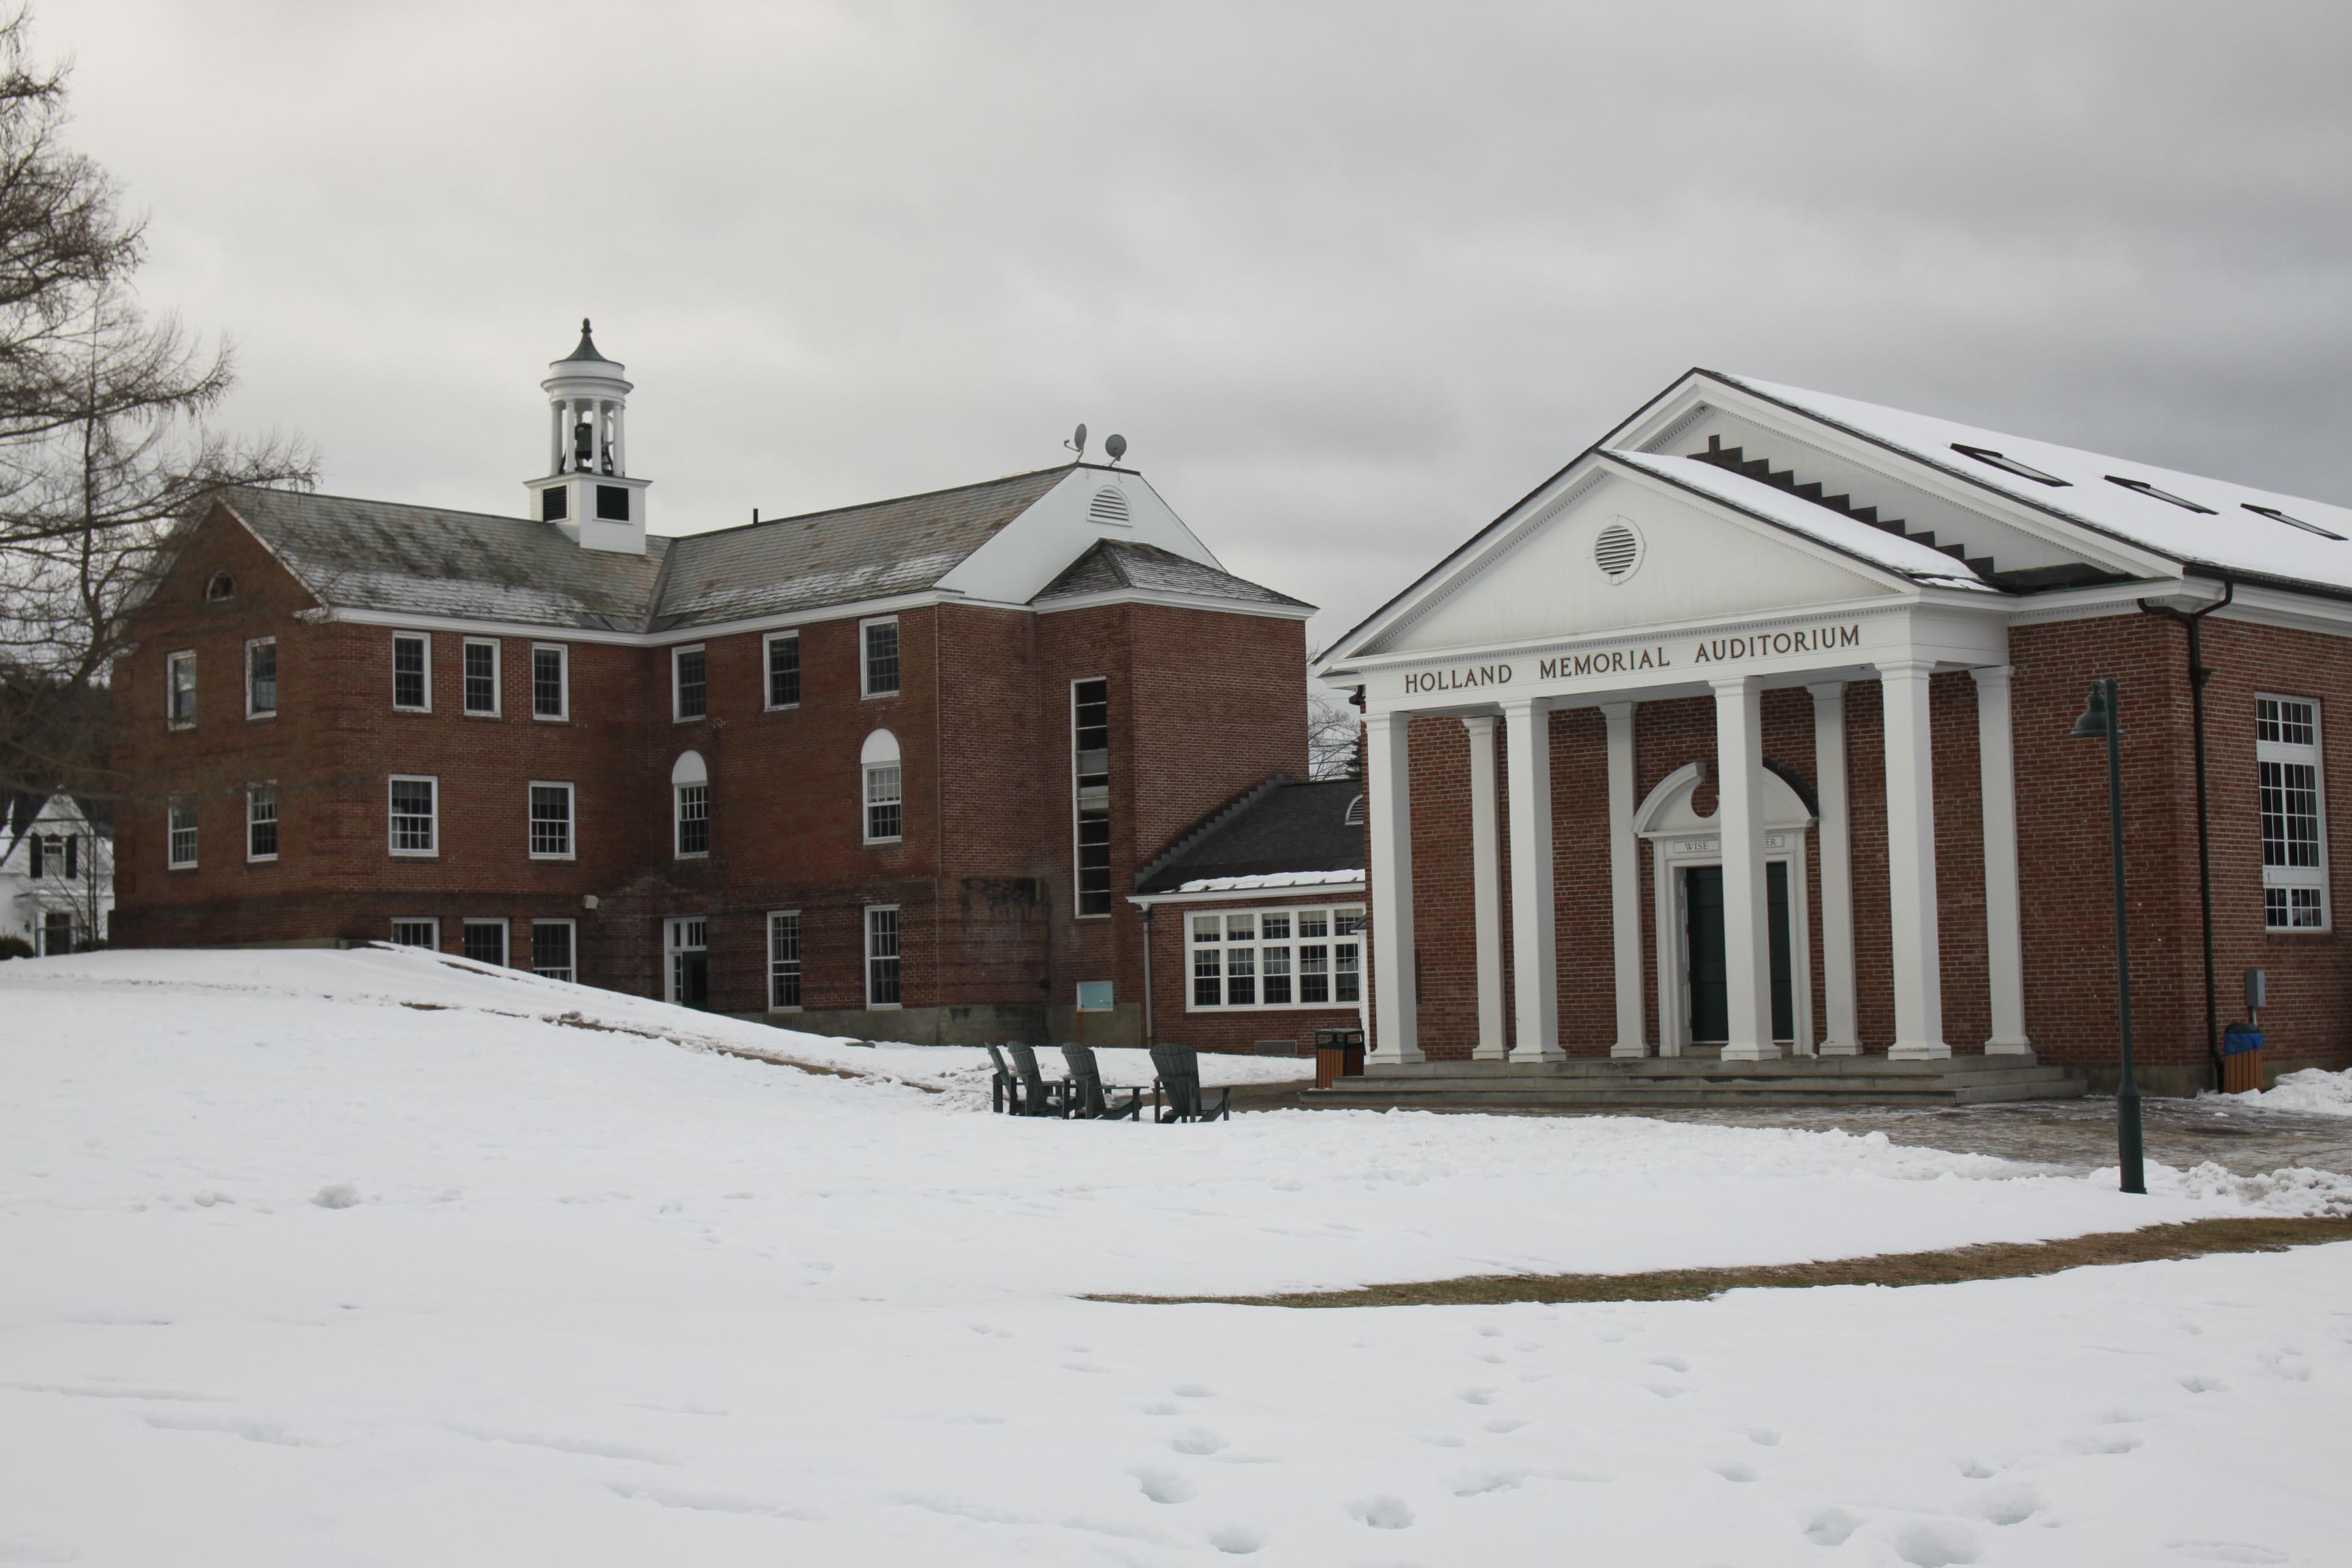 Proctor Academy campus